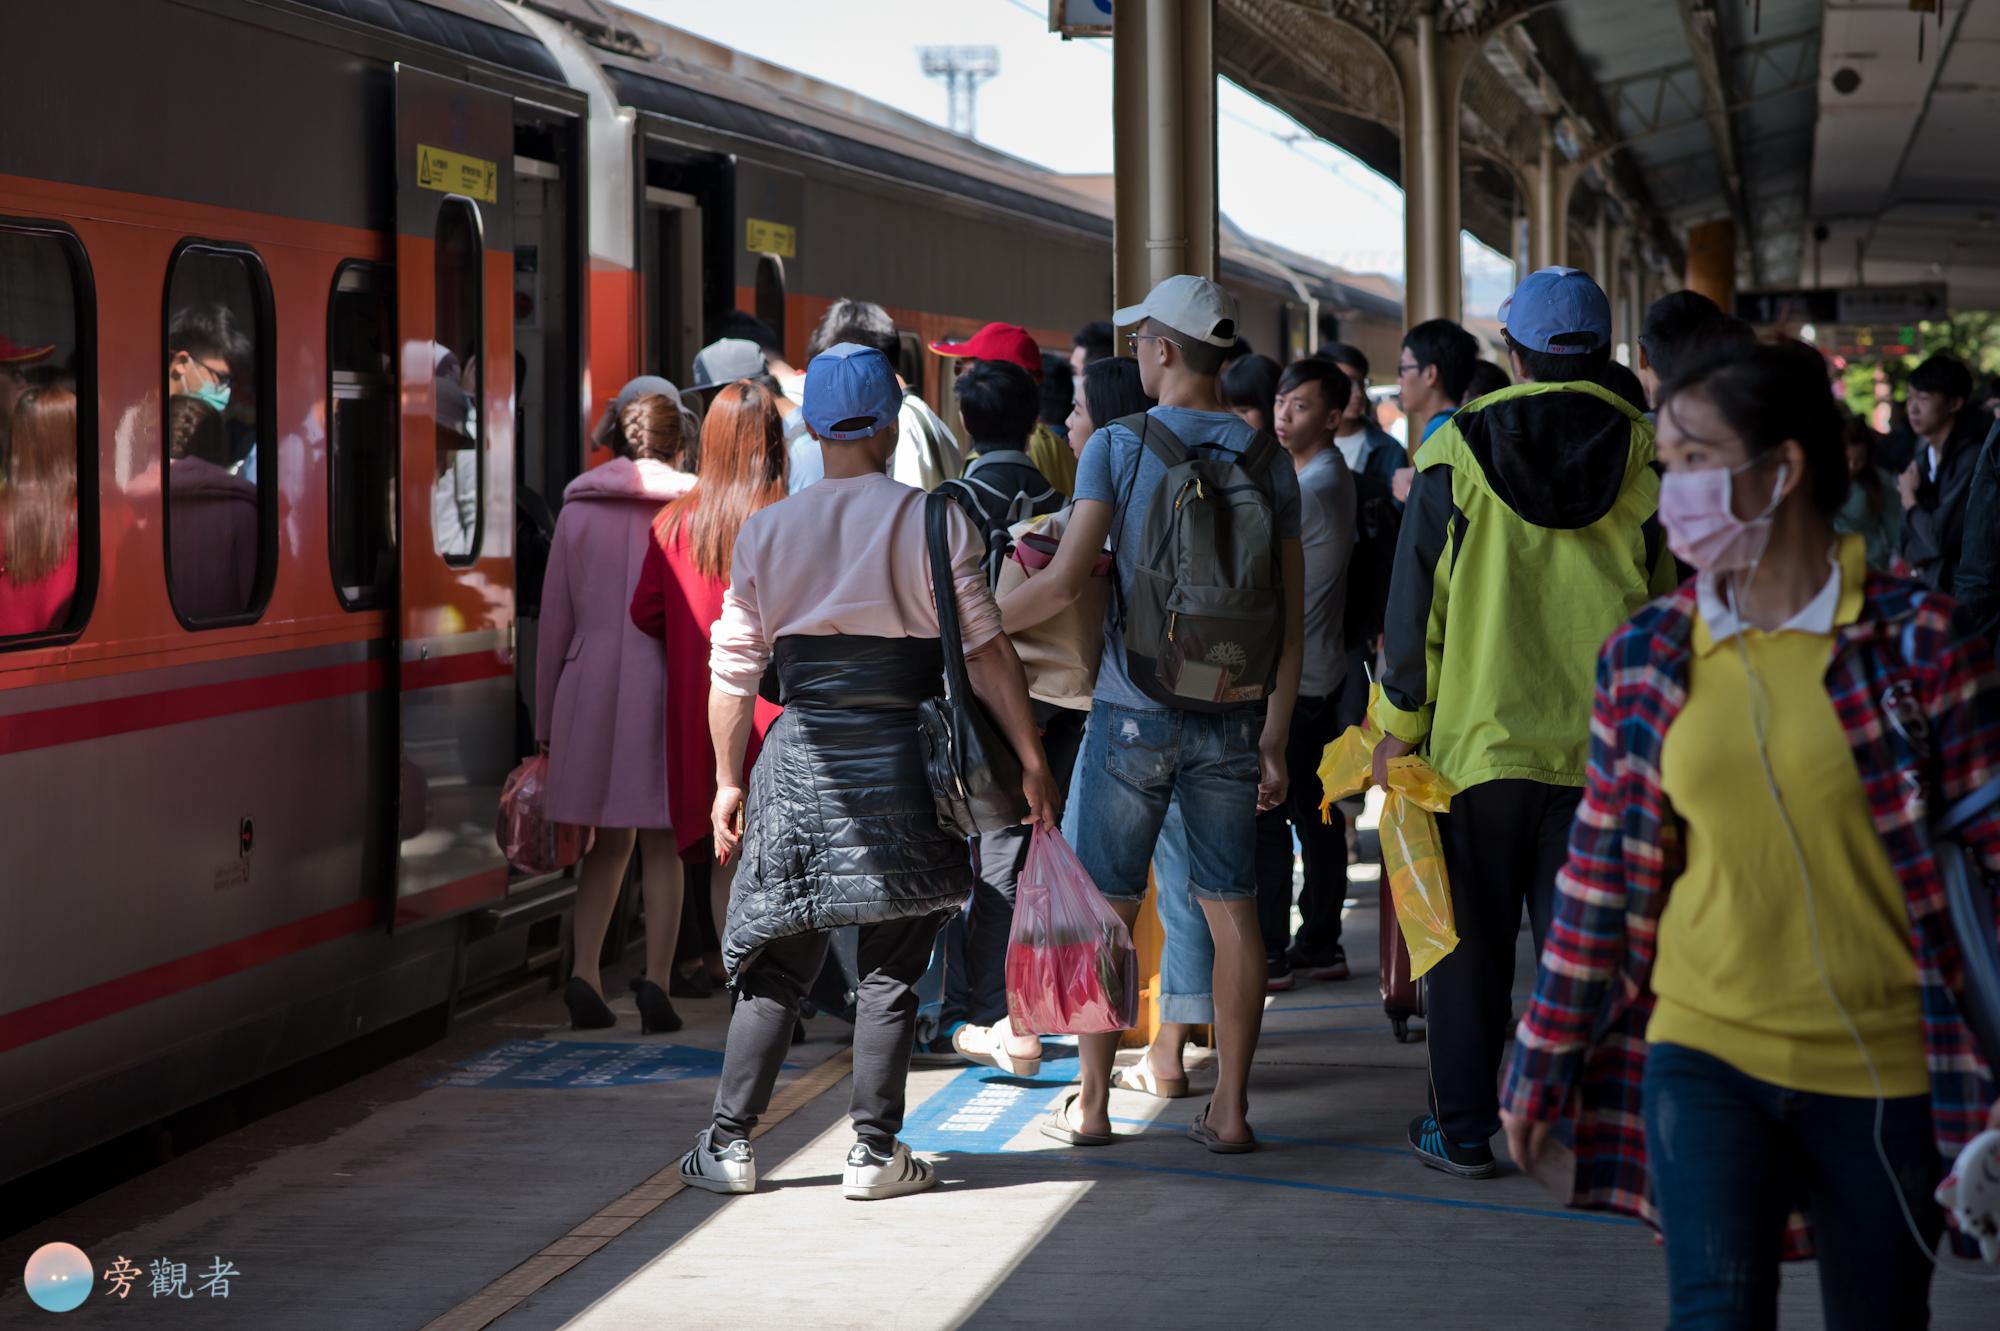 親民節連續假期最後一天的台鐵彰化火車站月台。彰化市。2018/4/8